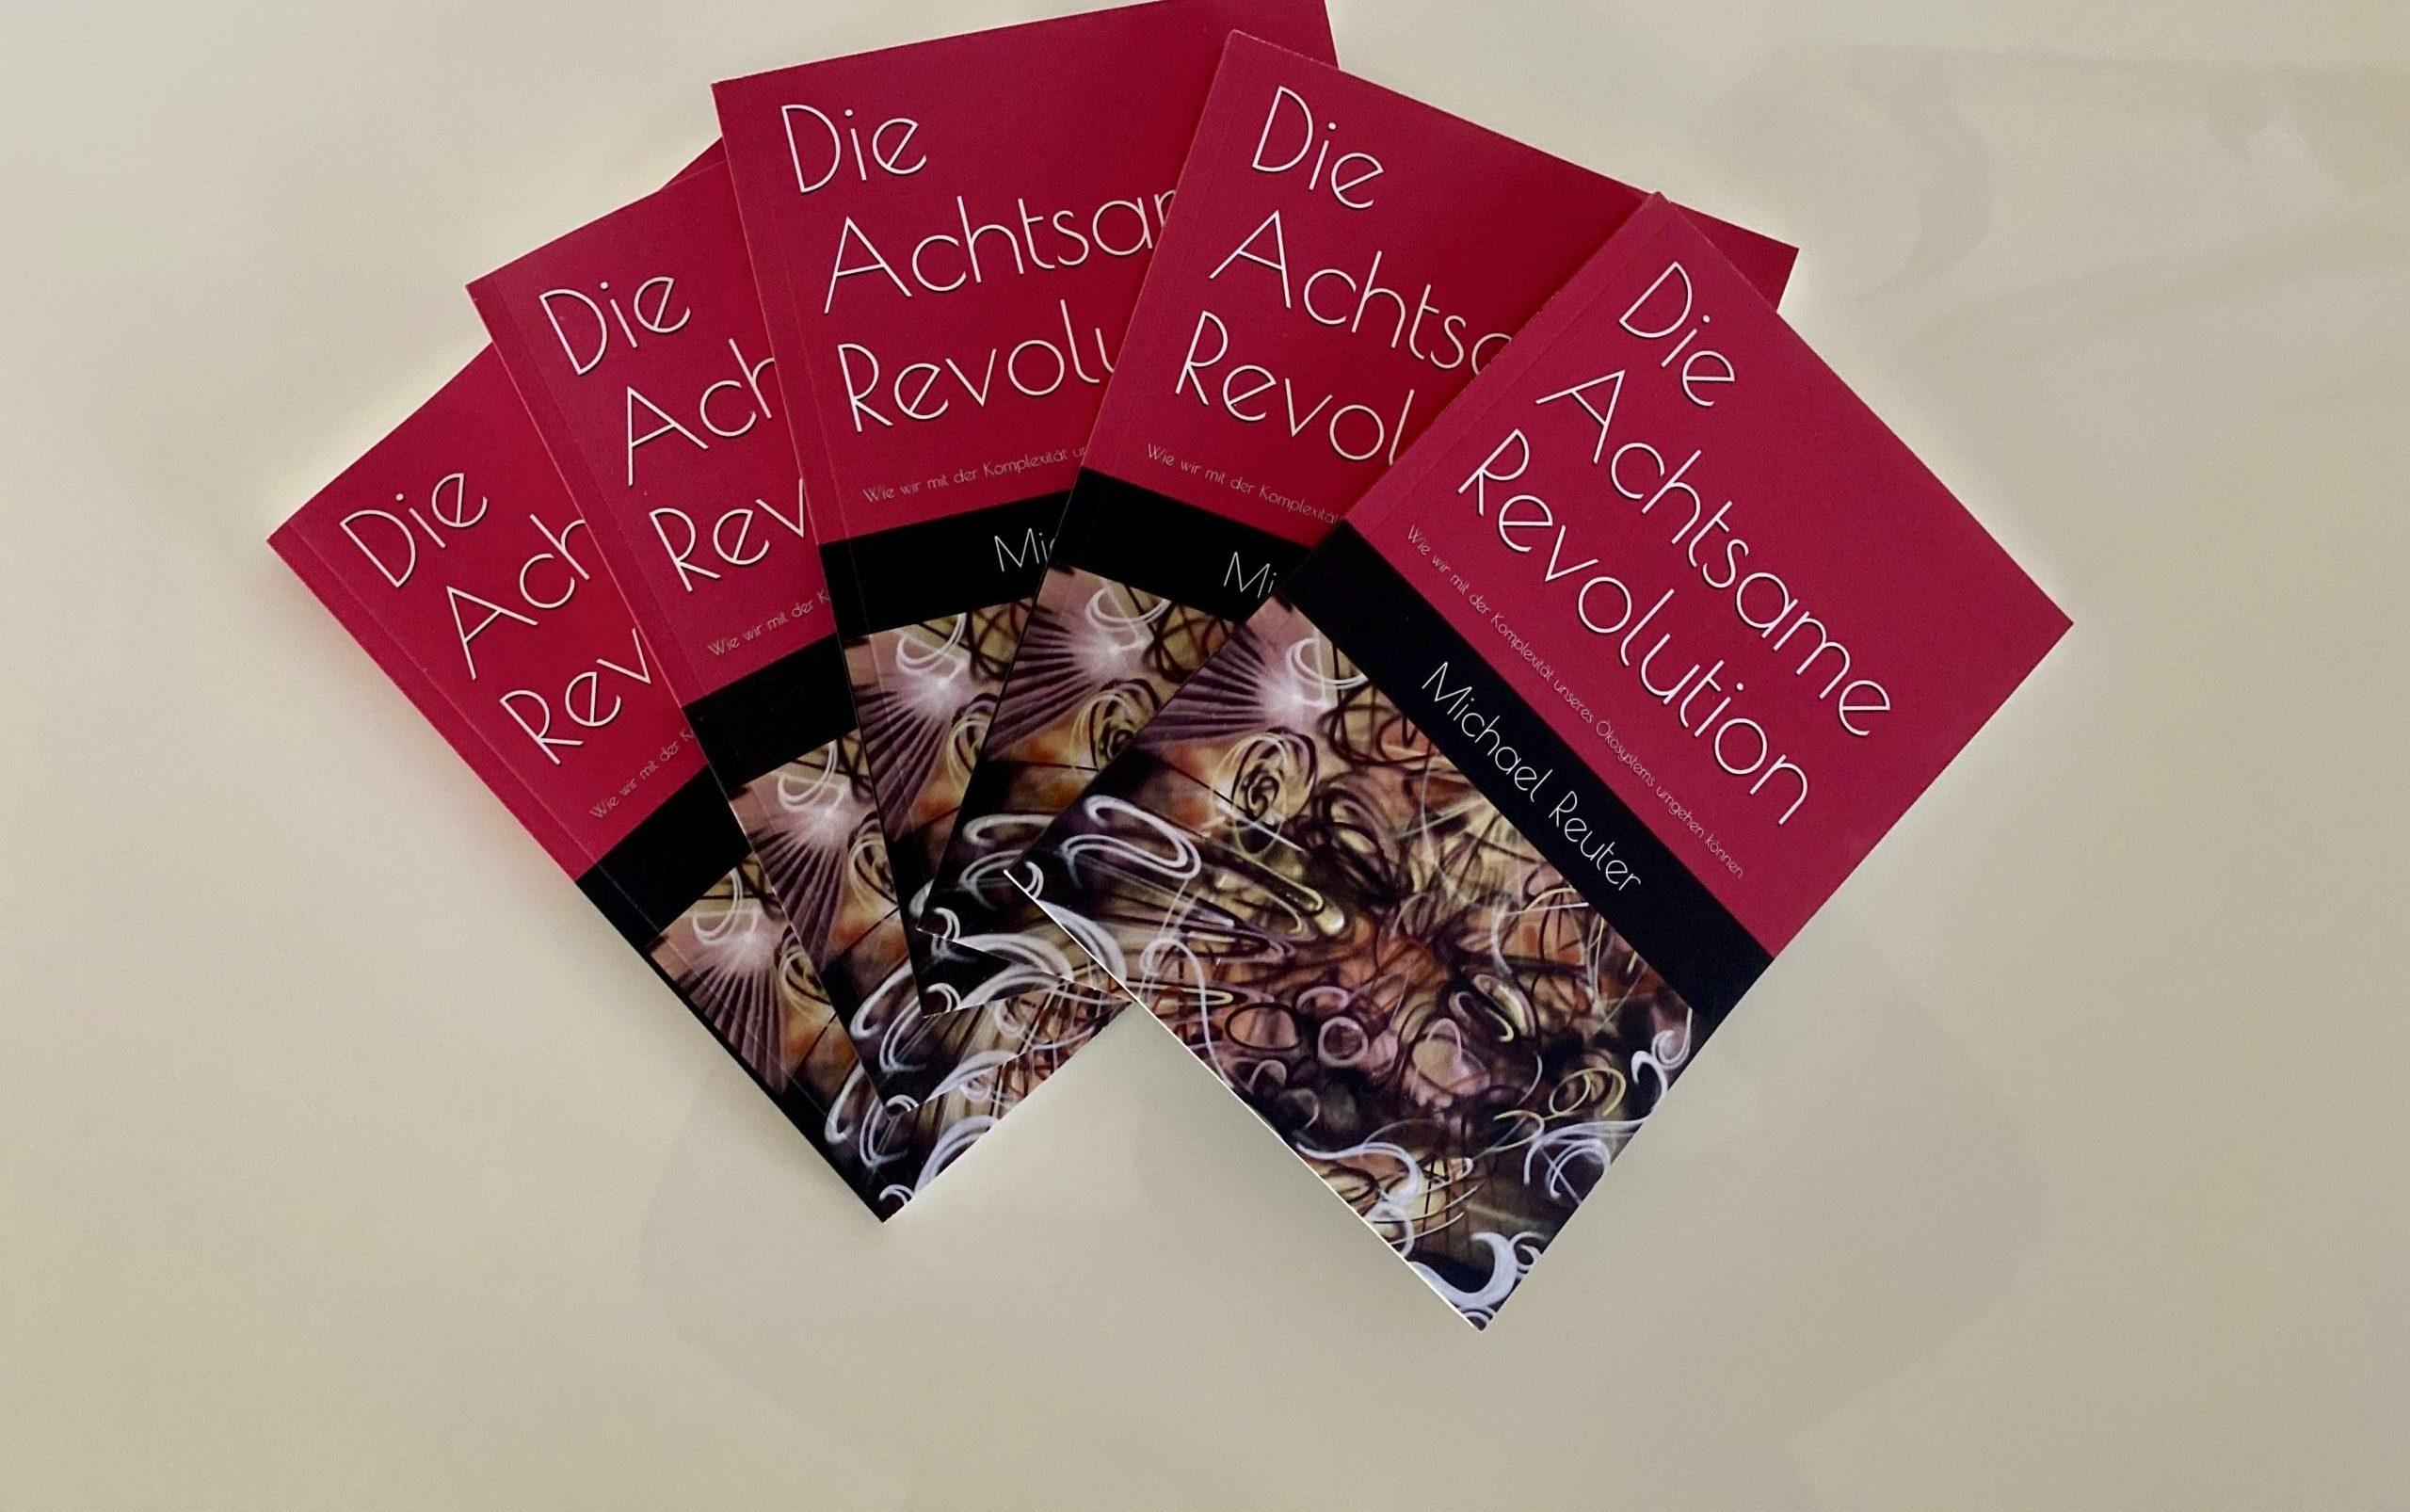 Die Achtsame Revolution – Deutsche Fassung von 'The Mindful Revolution' erschienen